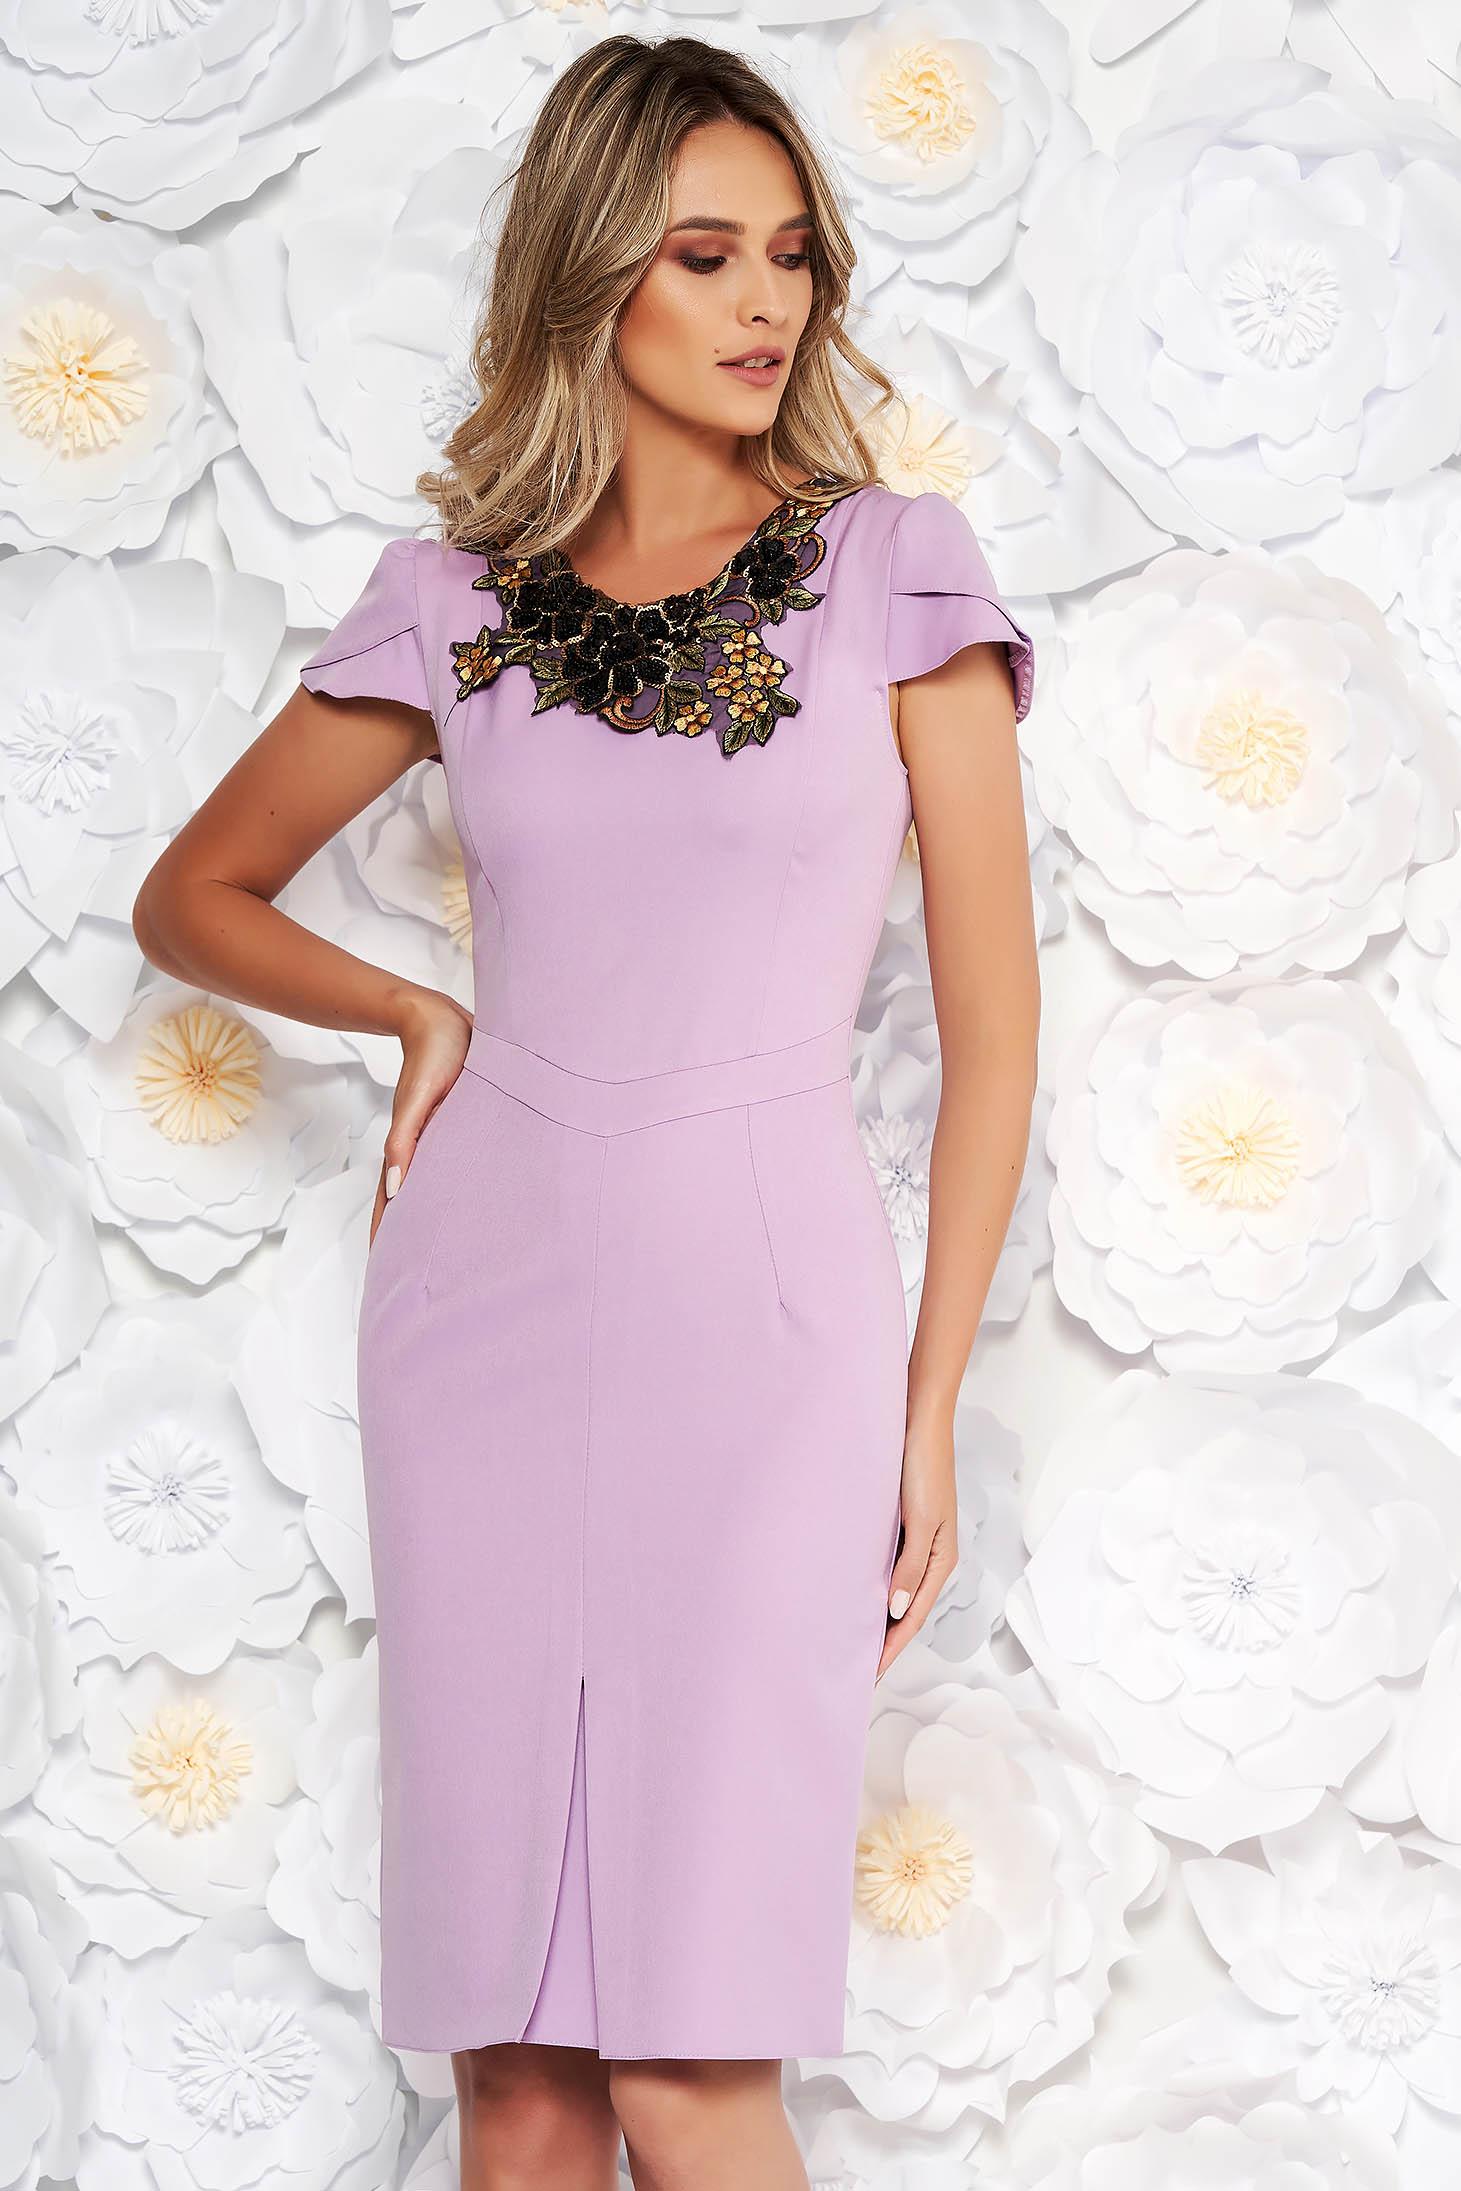 Rochie lila eleganta tip creion din stofa subtire usor elastica cu aplicatii cusute manual